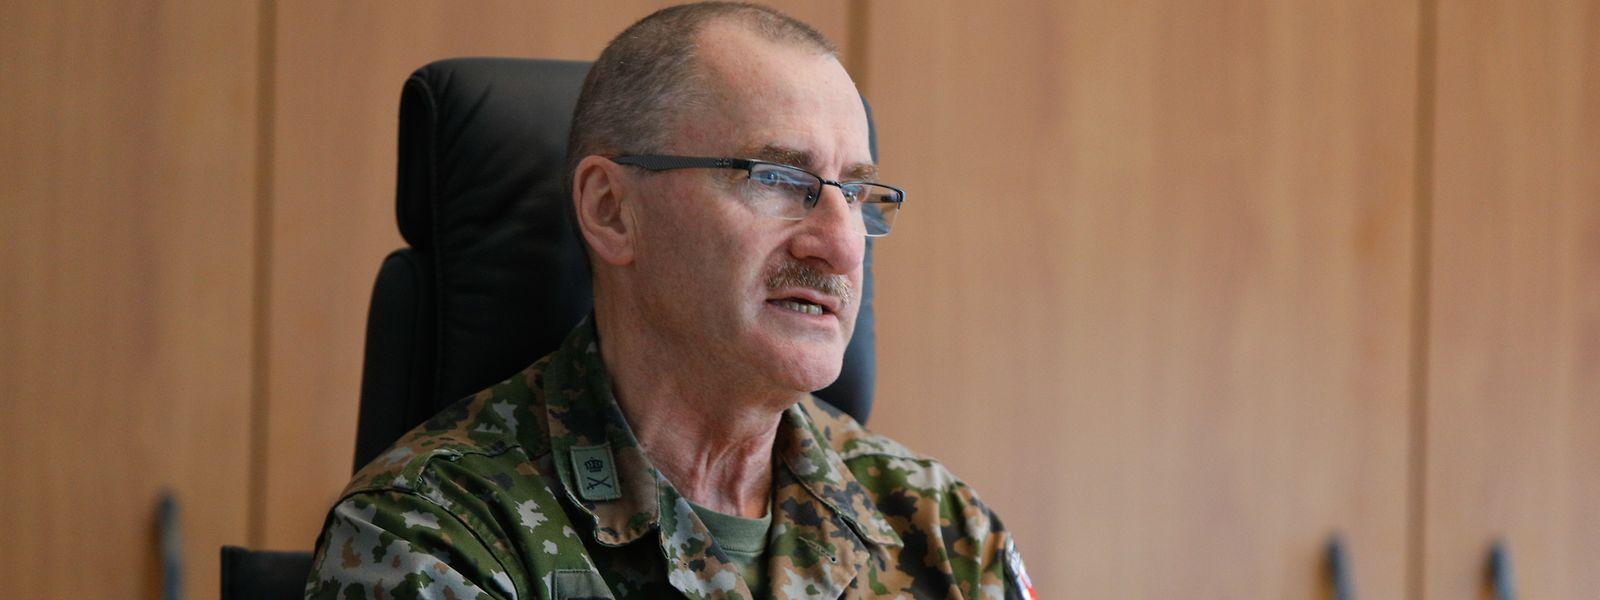 Pour le général Alain Duschène, chef d'état-major, c'est clair: l'armée n'a pas été impliquée dans le développement du projet